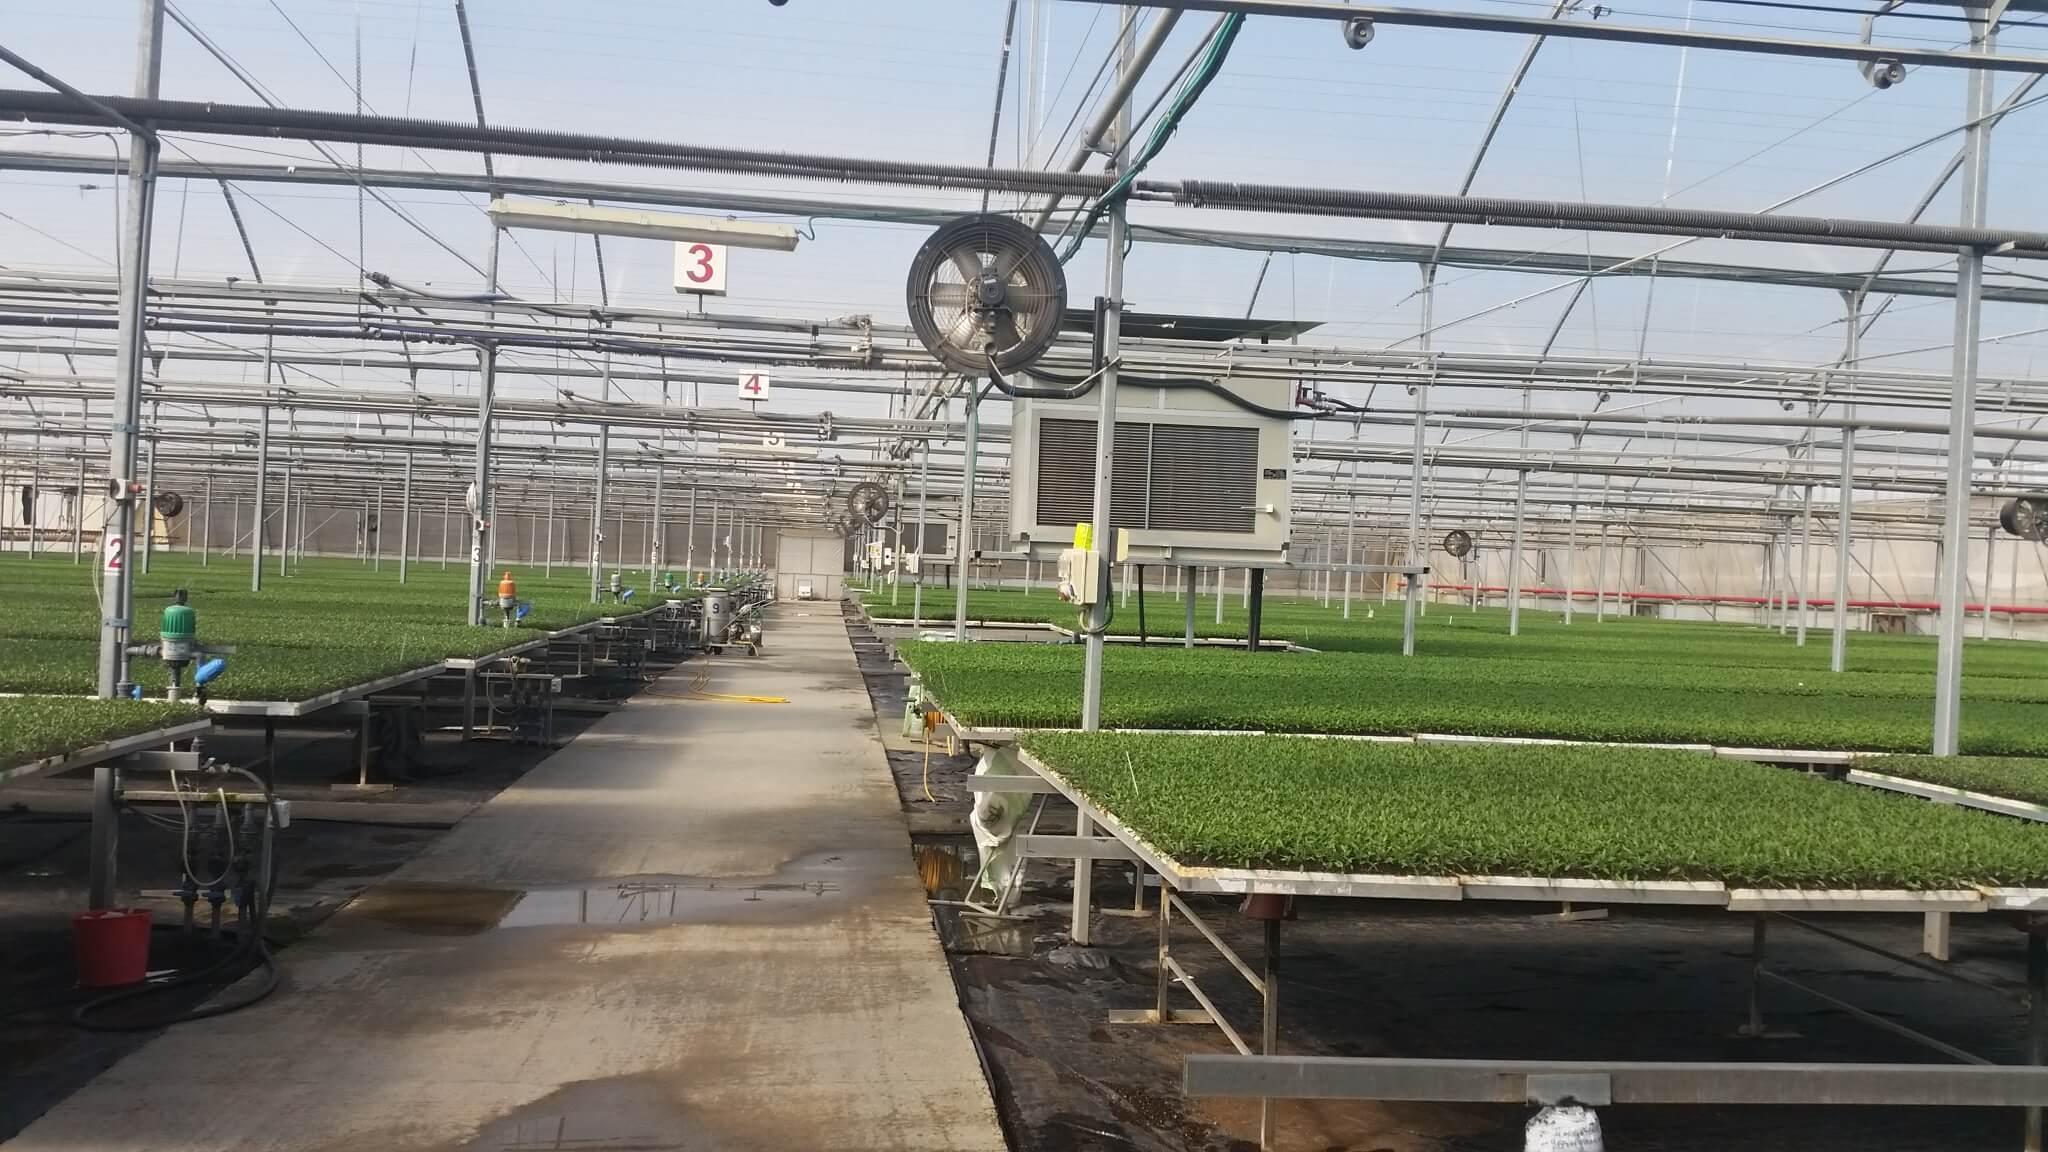 La parte superior se puede colocar encima de las mesas de cultivo para ahorrar espacio